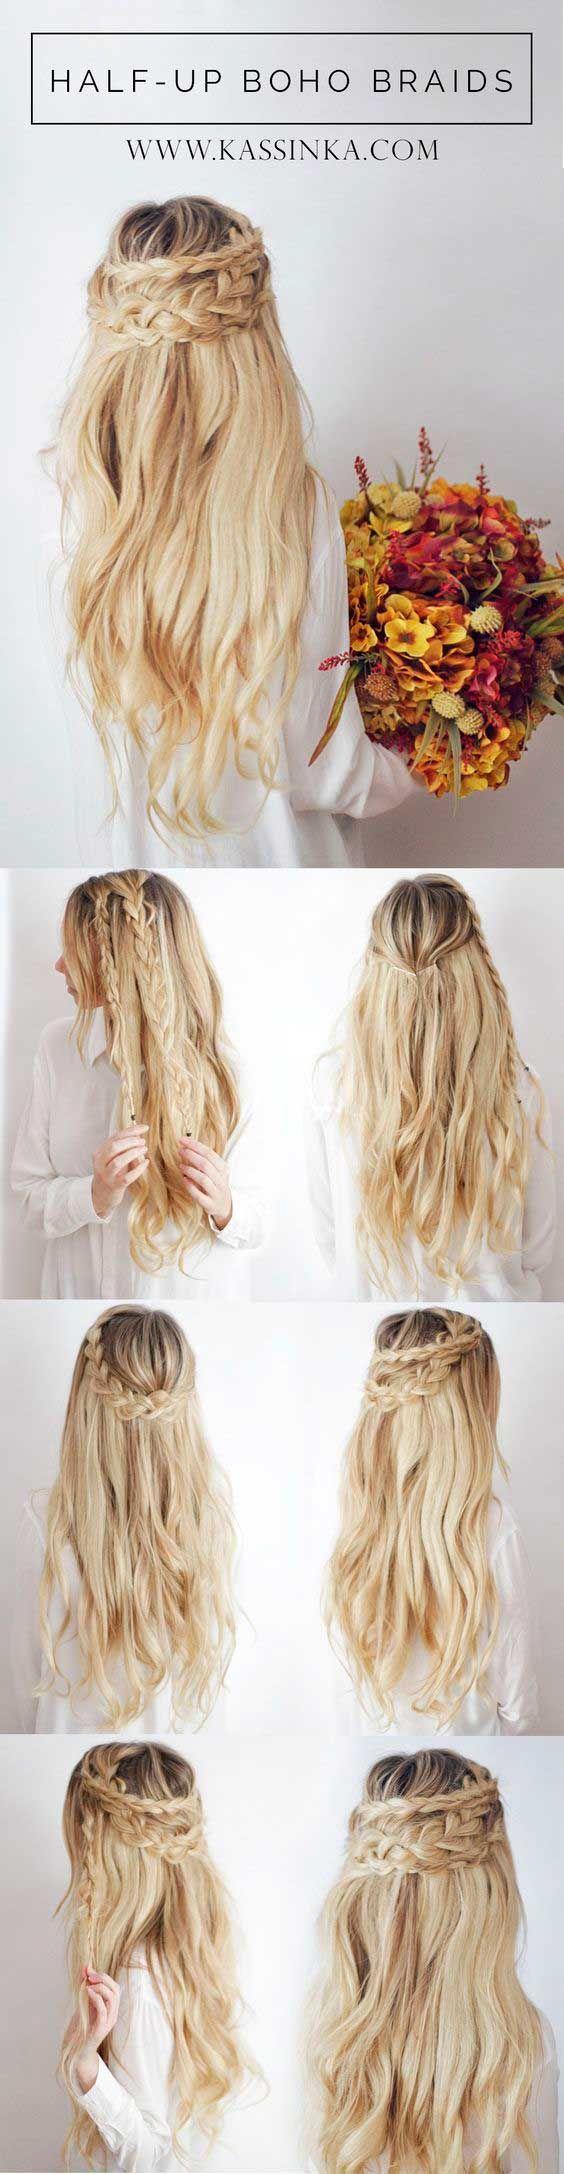 HALF UP HALF DOWN HAIRDO FOR PROM #Promhairdo #Hairdo #Hairstyles #Hairstyleidea